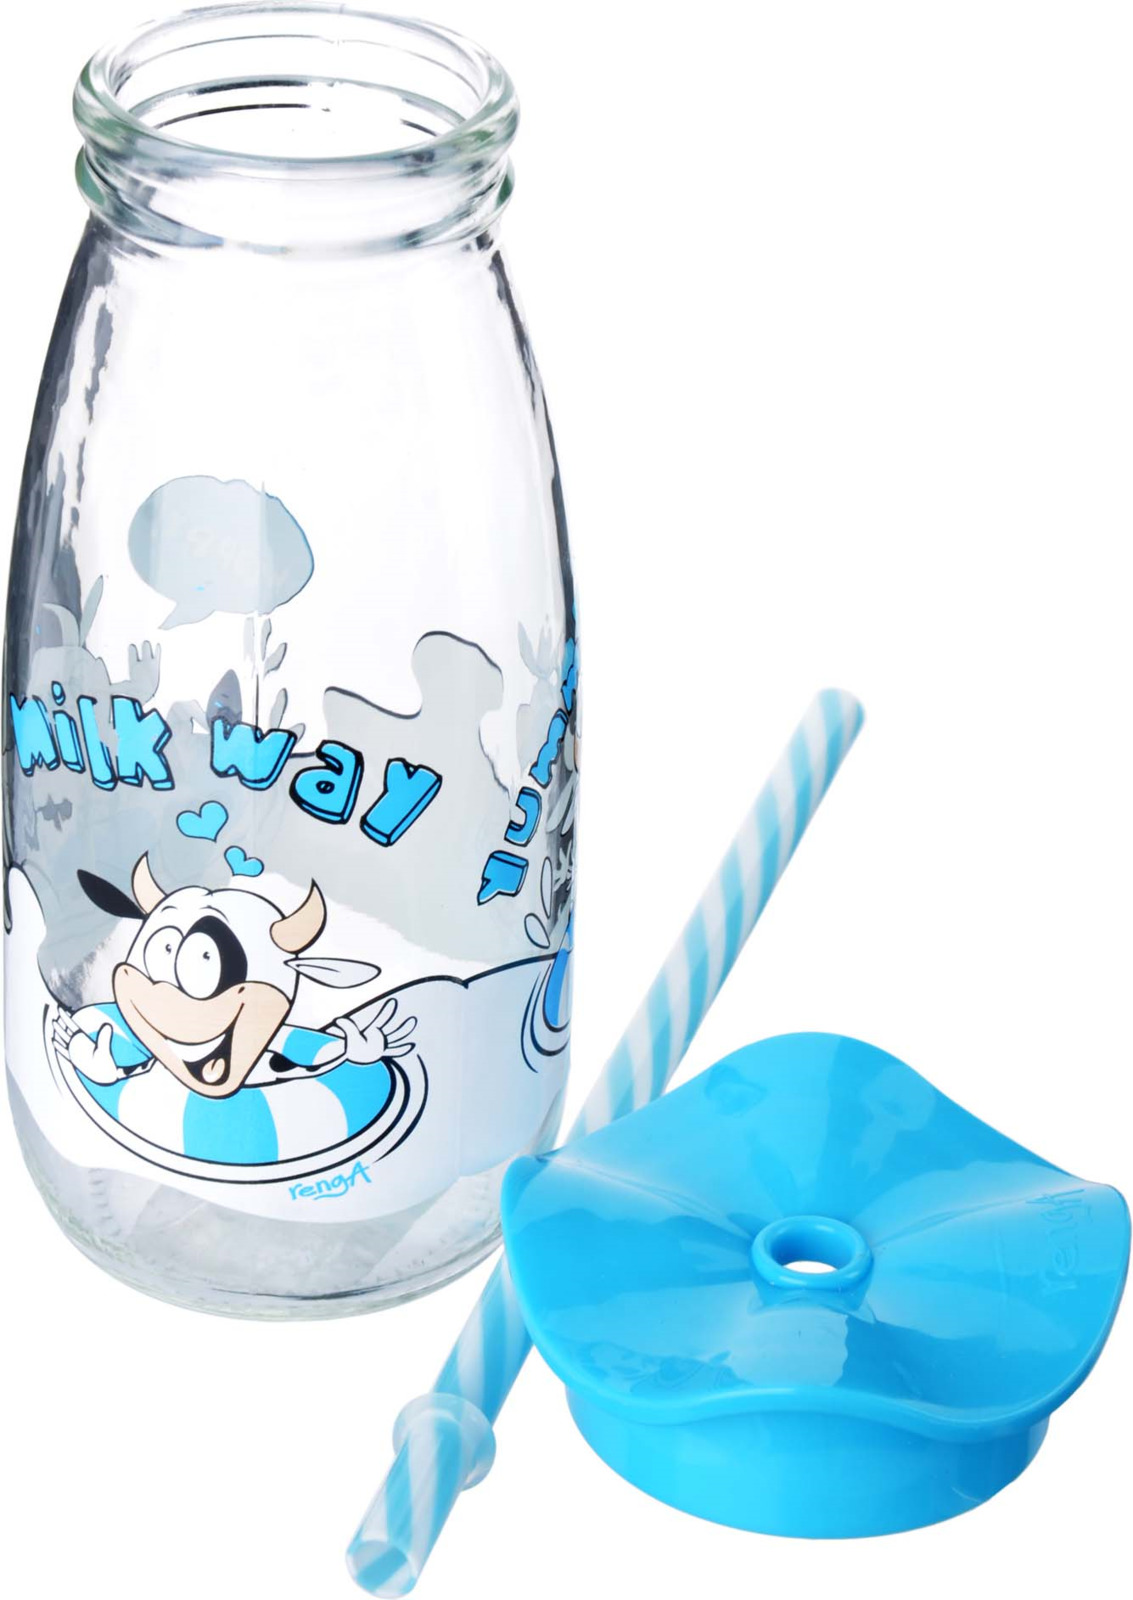 Бутылка для смузи Mayer & Boch, цвет: голубой, 500 мл бутылка для напитков renga с трубочкой 500 мл